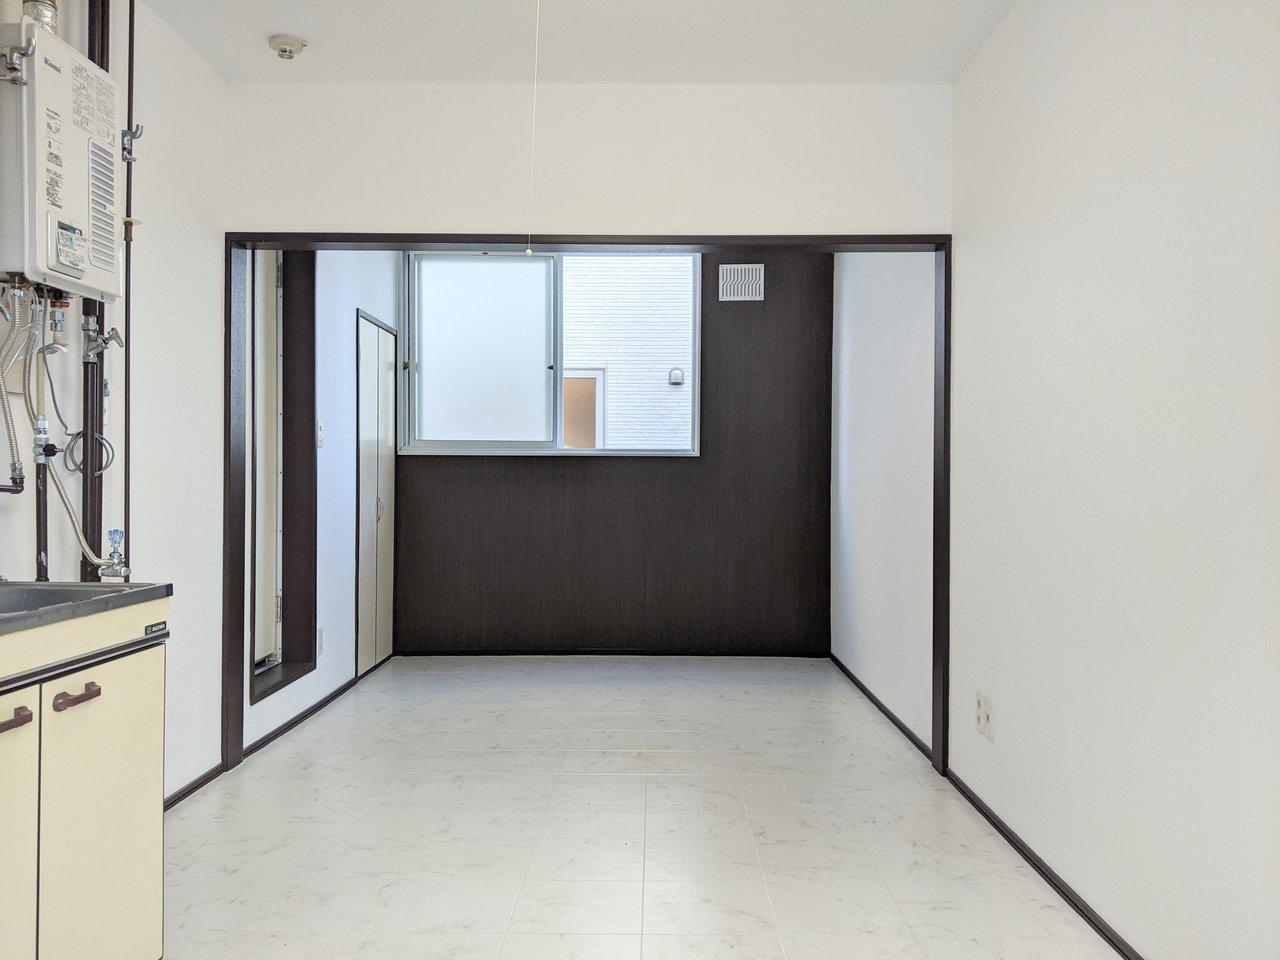 ダイニングキッチンと洋室が、垂れ壁でゆるやかに仕切られているお部屋。どちらも合わせれば約10畳ほどの広さです。